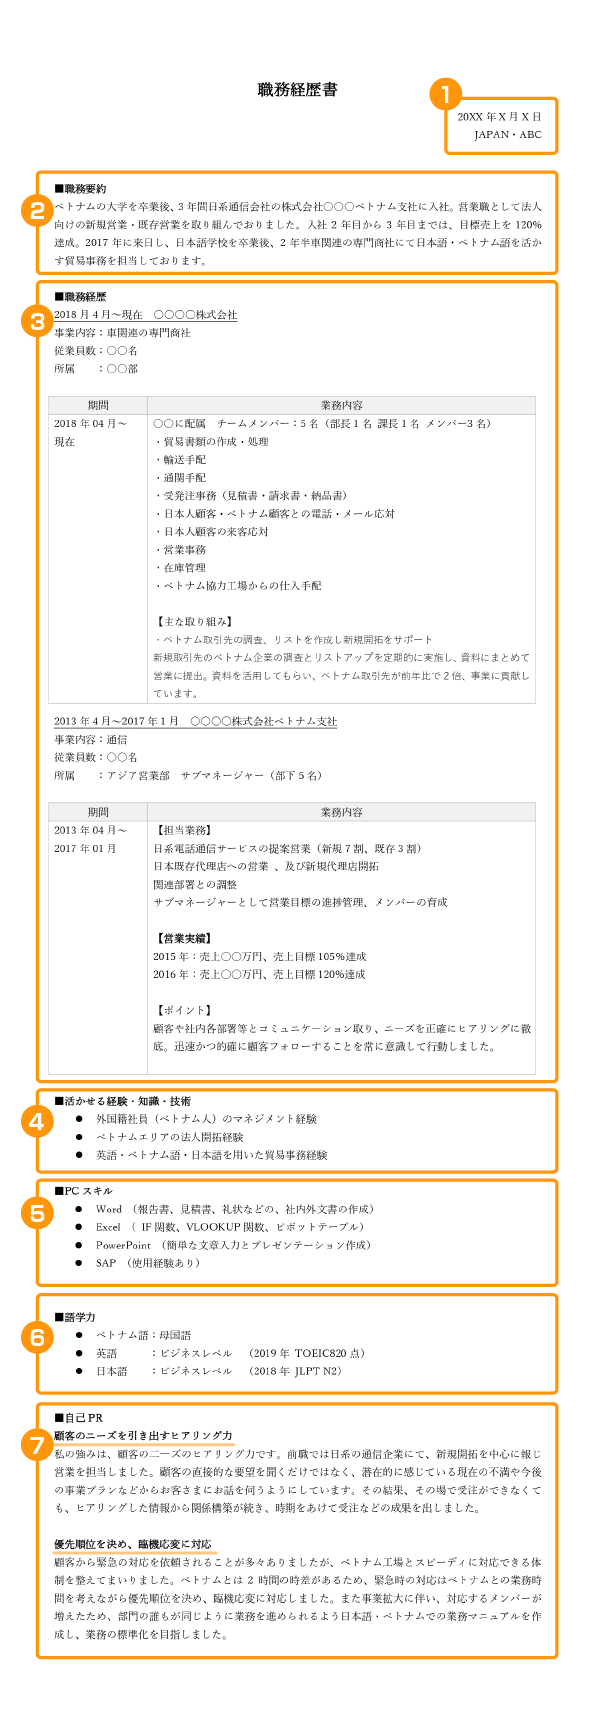 外国人求職者向け】職務経歴書の書き方マニュアル|日本で働きたい外国 ...